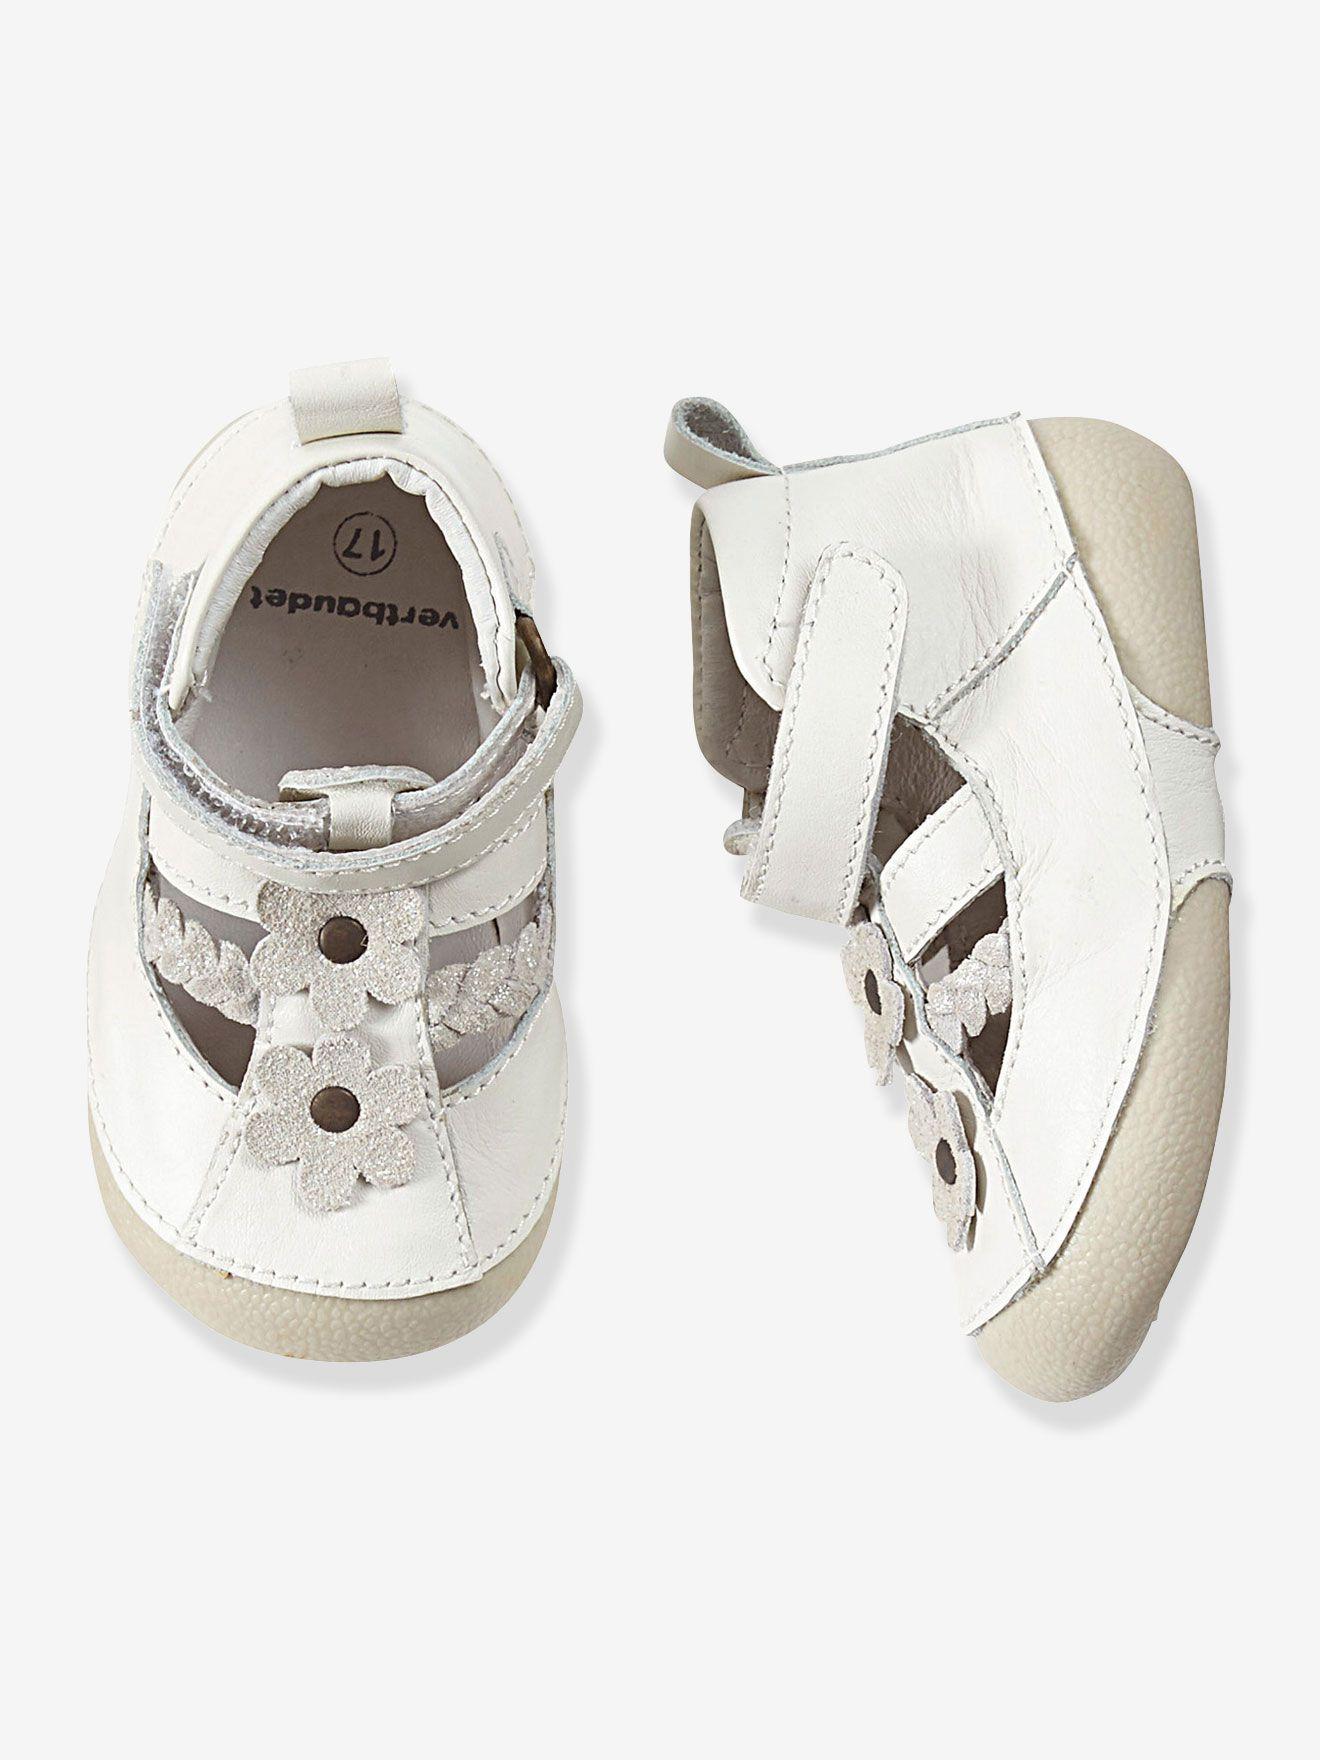 97b7bbf07107c Chaussures cuir bébé fille spécial 4 pattes forme sandales ...